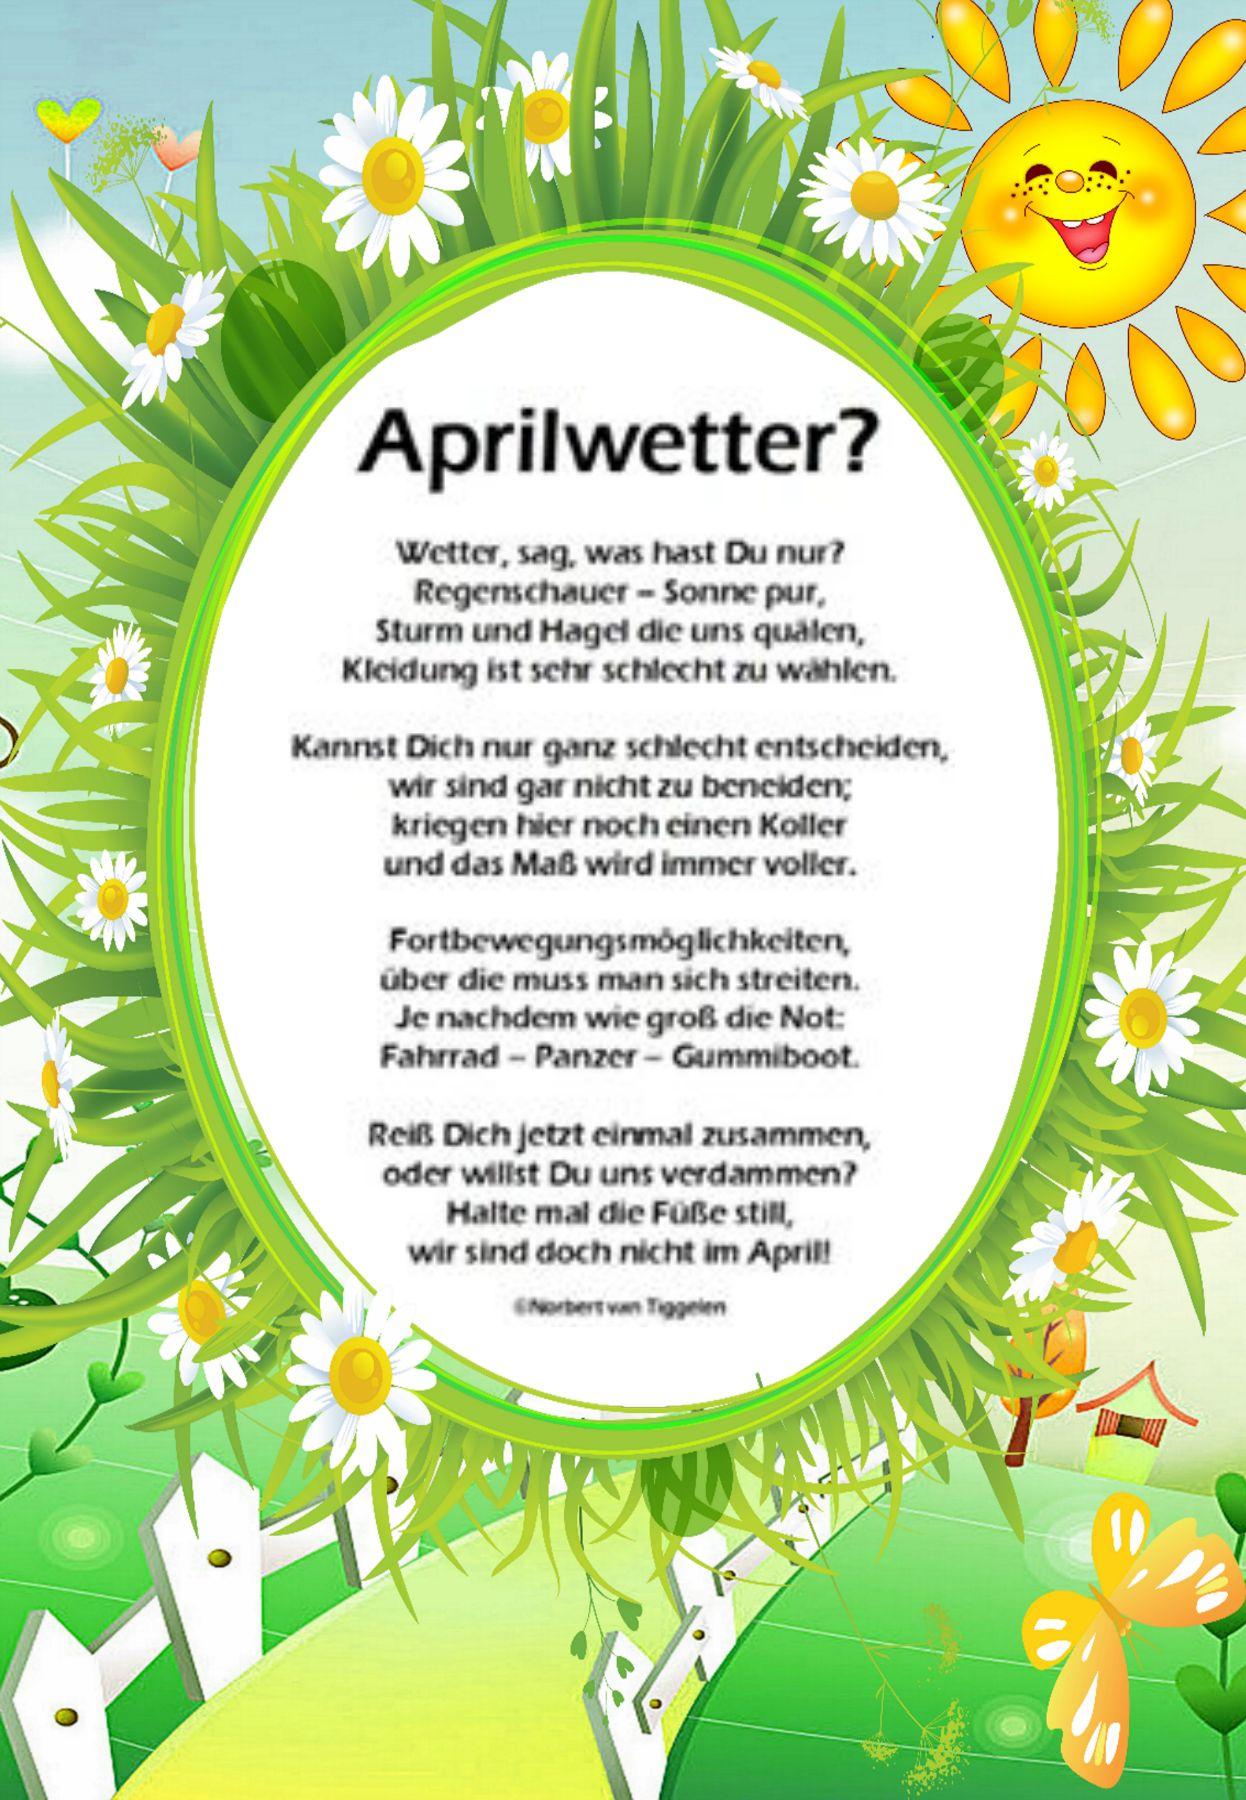 Pin Von Roswitha Mura Auf Gedichte Und Sinnsprüche Van mit Frühlingsgedichte Für Kindergartenkinder